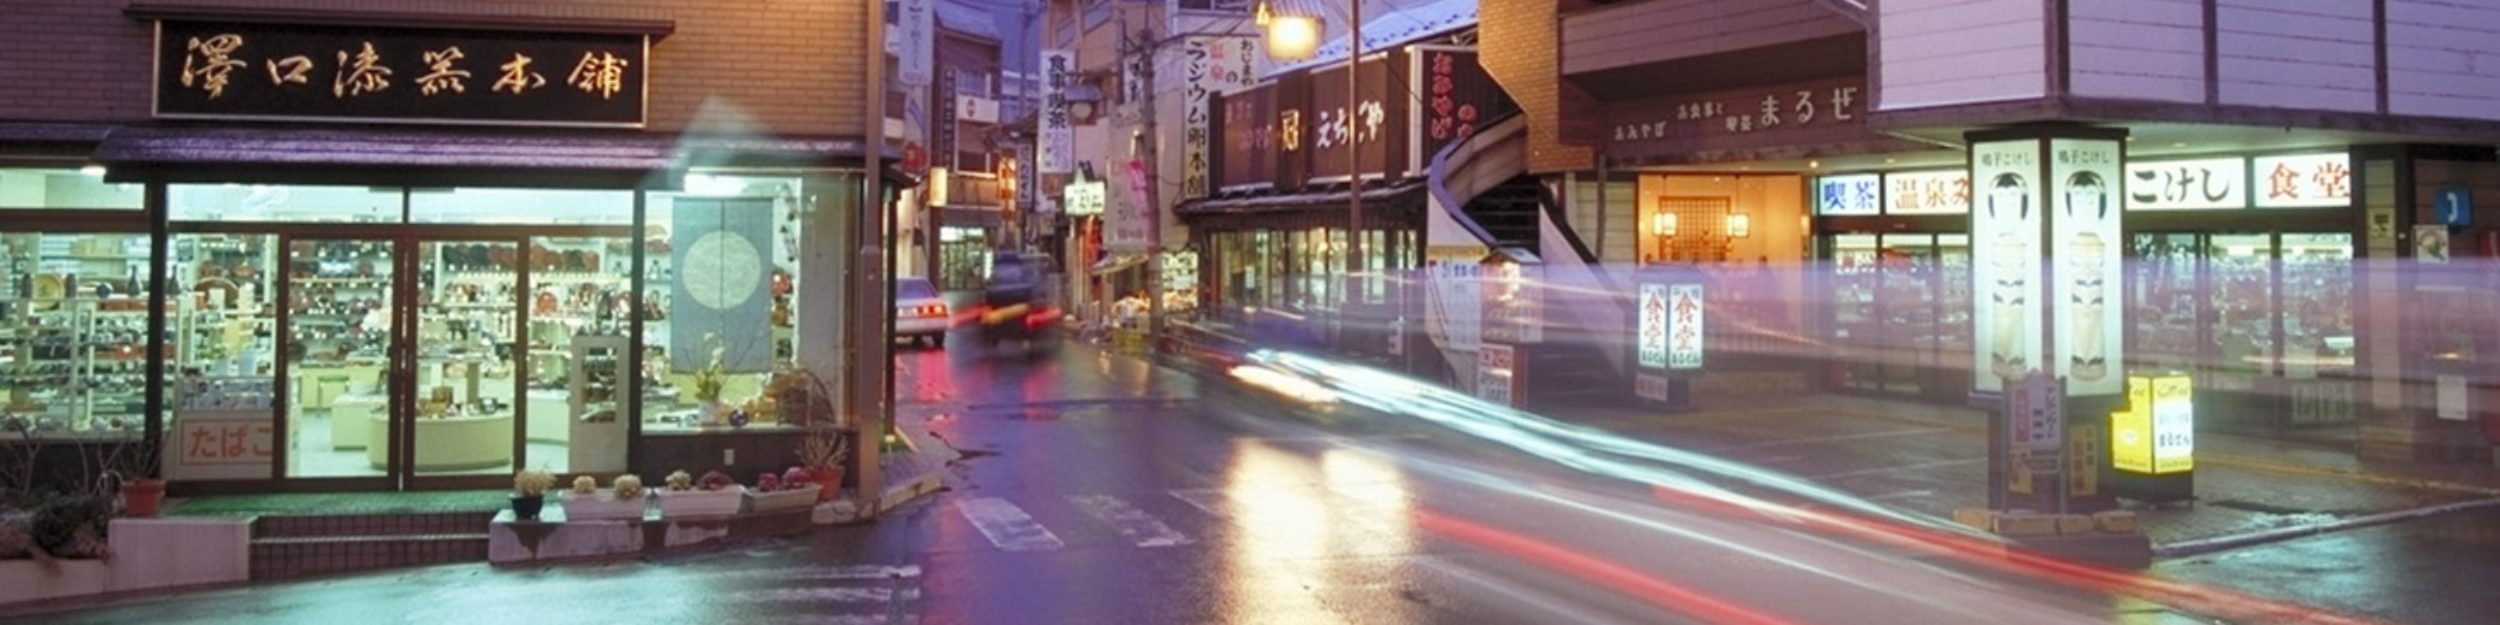 宮城県鳴子温泉旅館組合